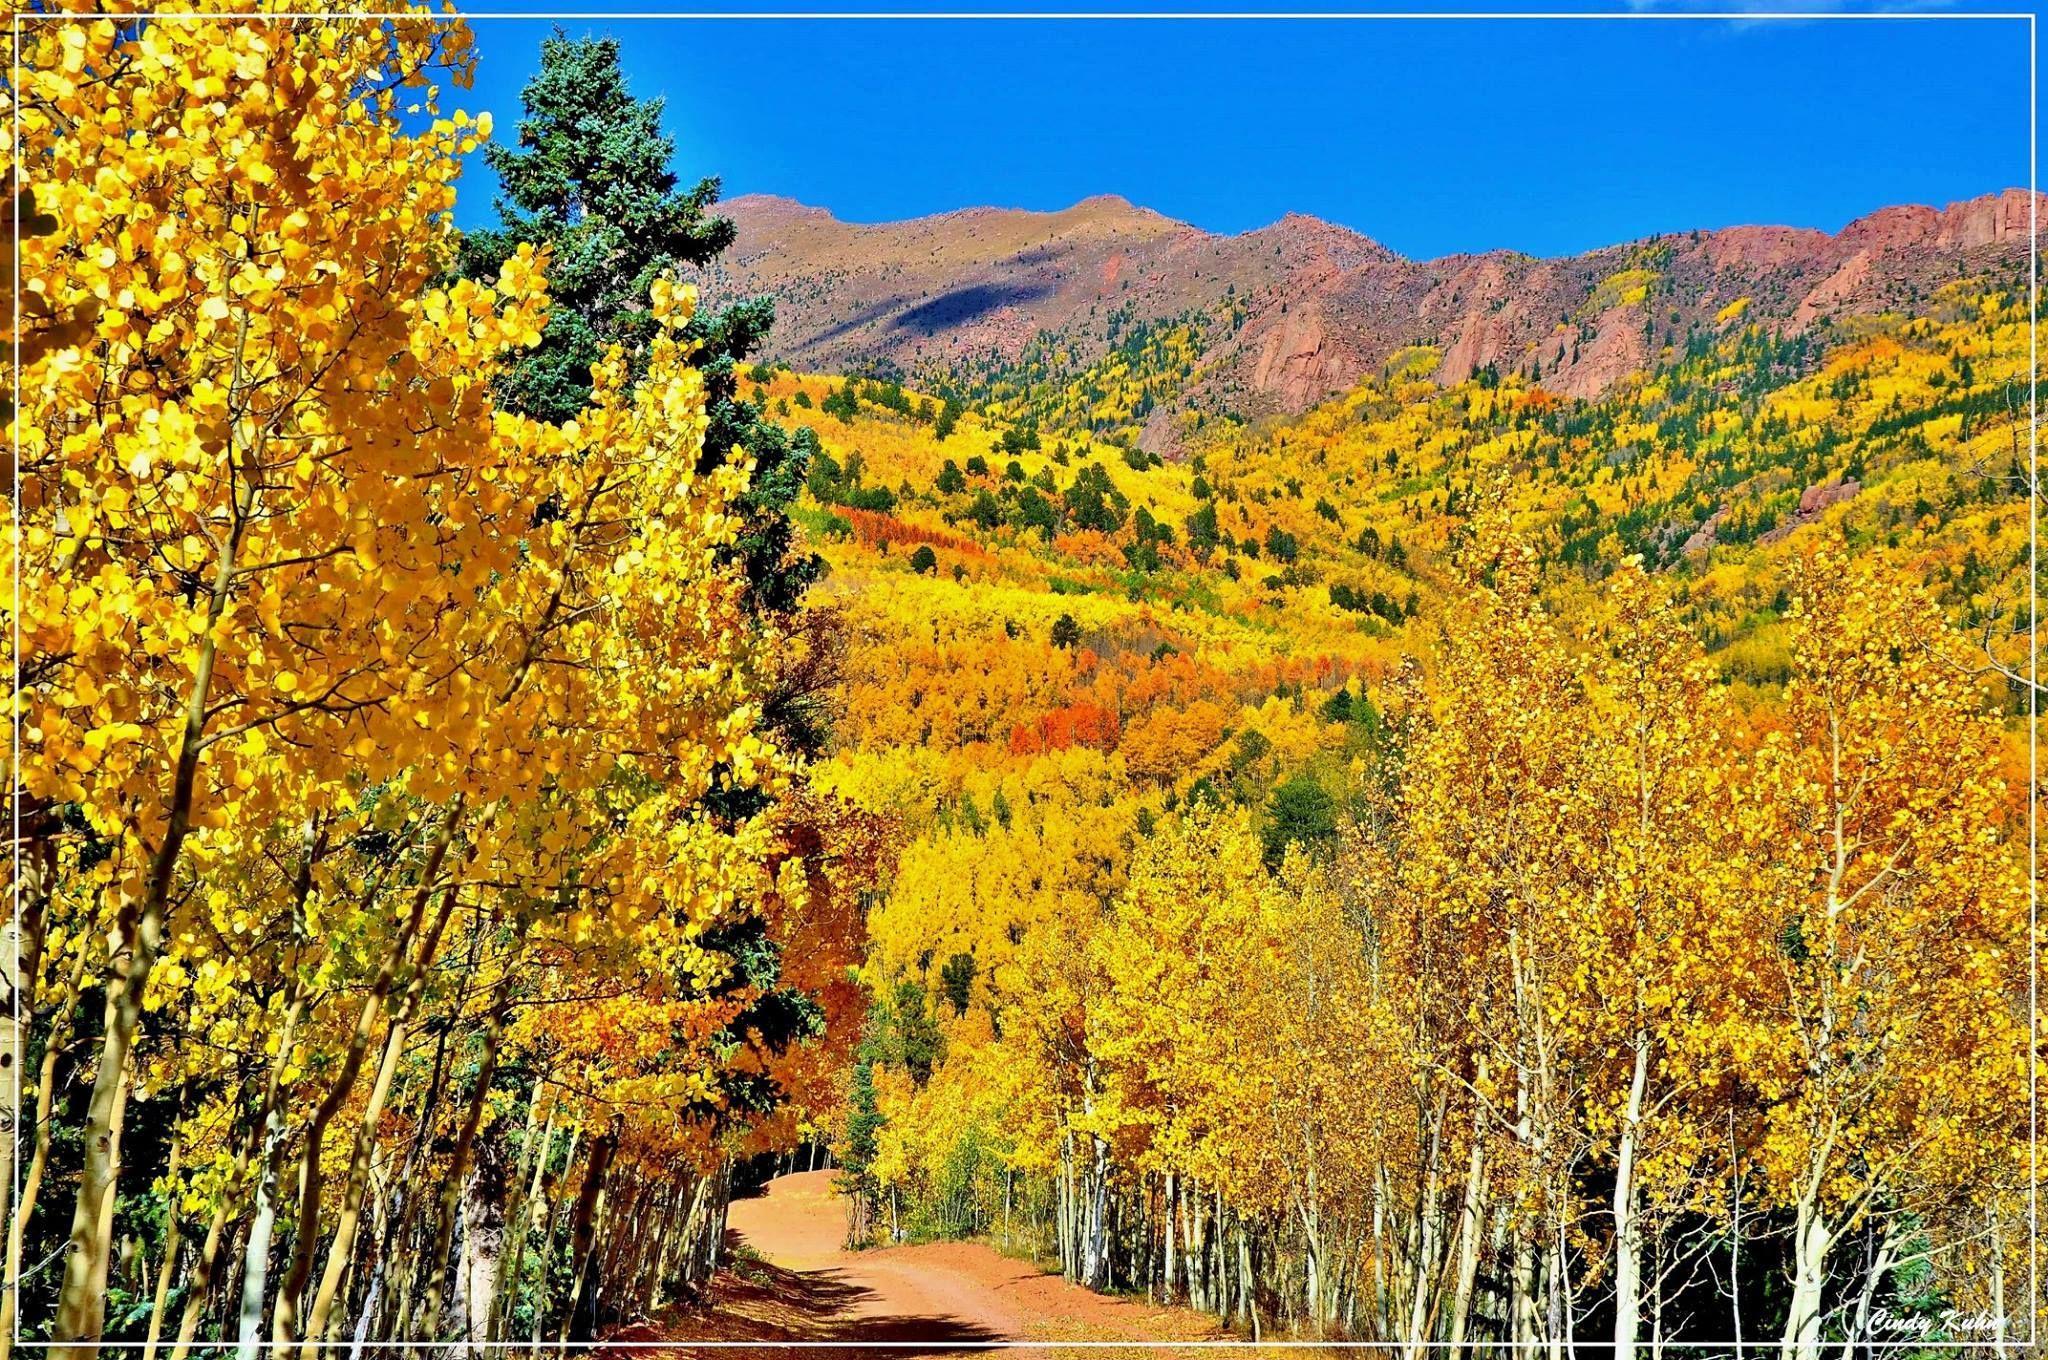 Highway 67 to Cripple Creek, Colorado